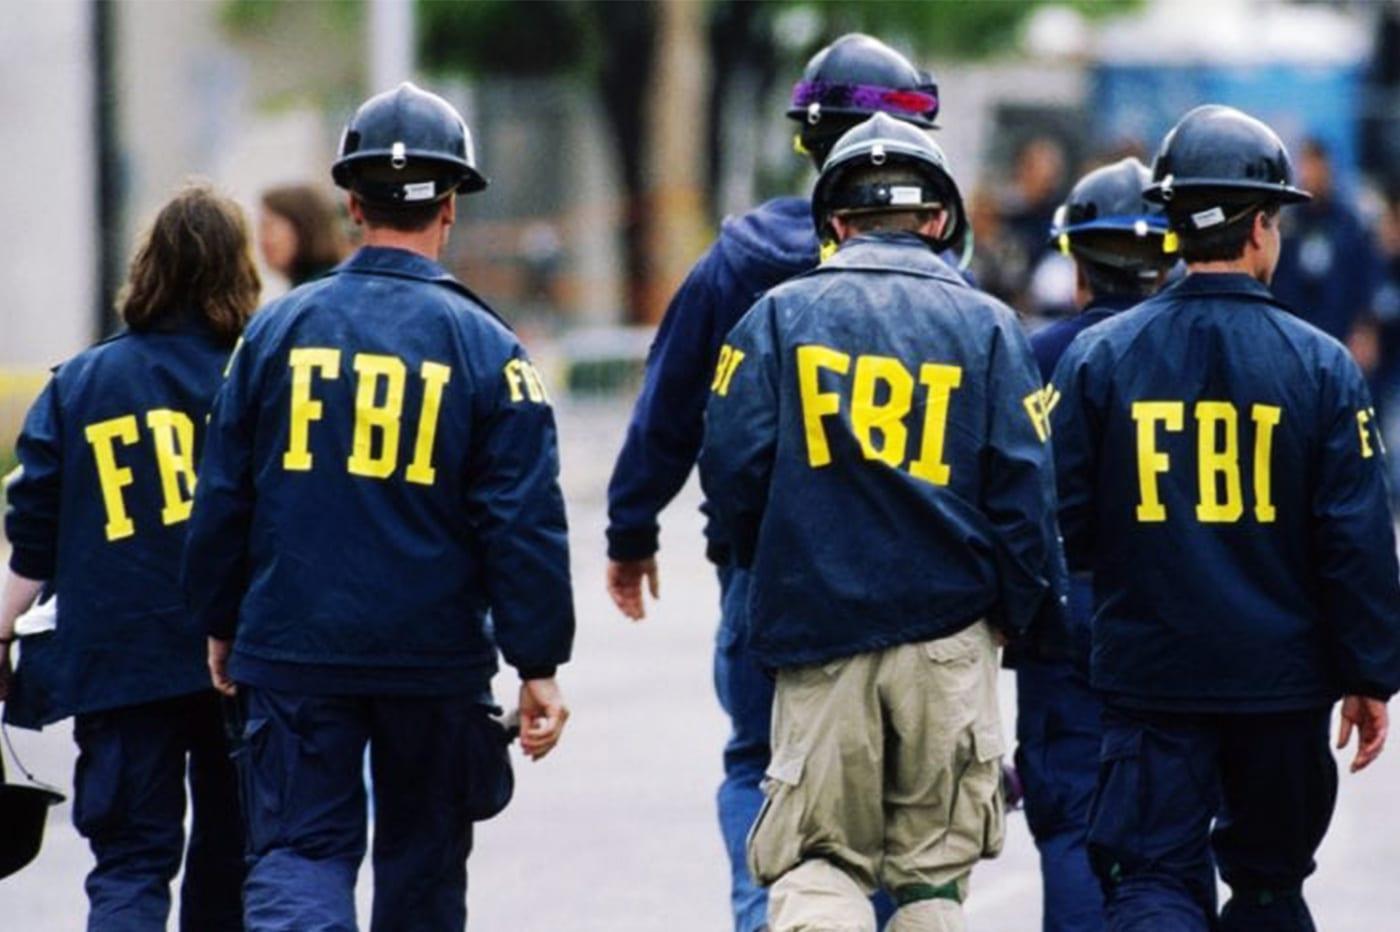 LE FBI ÉTEND SA CAPACITÉ À SURVEILLER LES RÉSEAUX SOCIAUX ET LES DONNÉES DE LOCALISATION